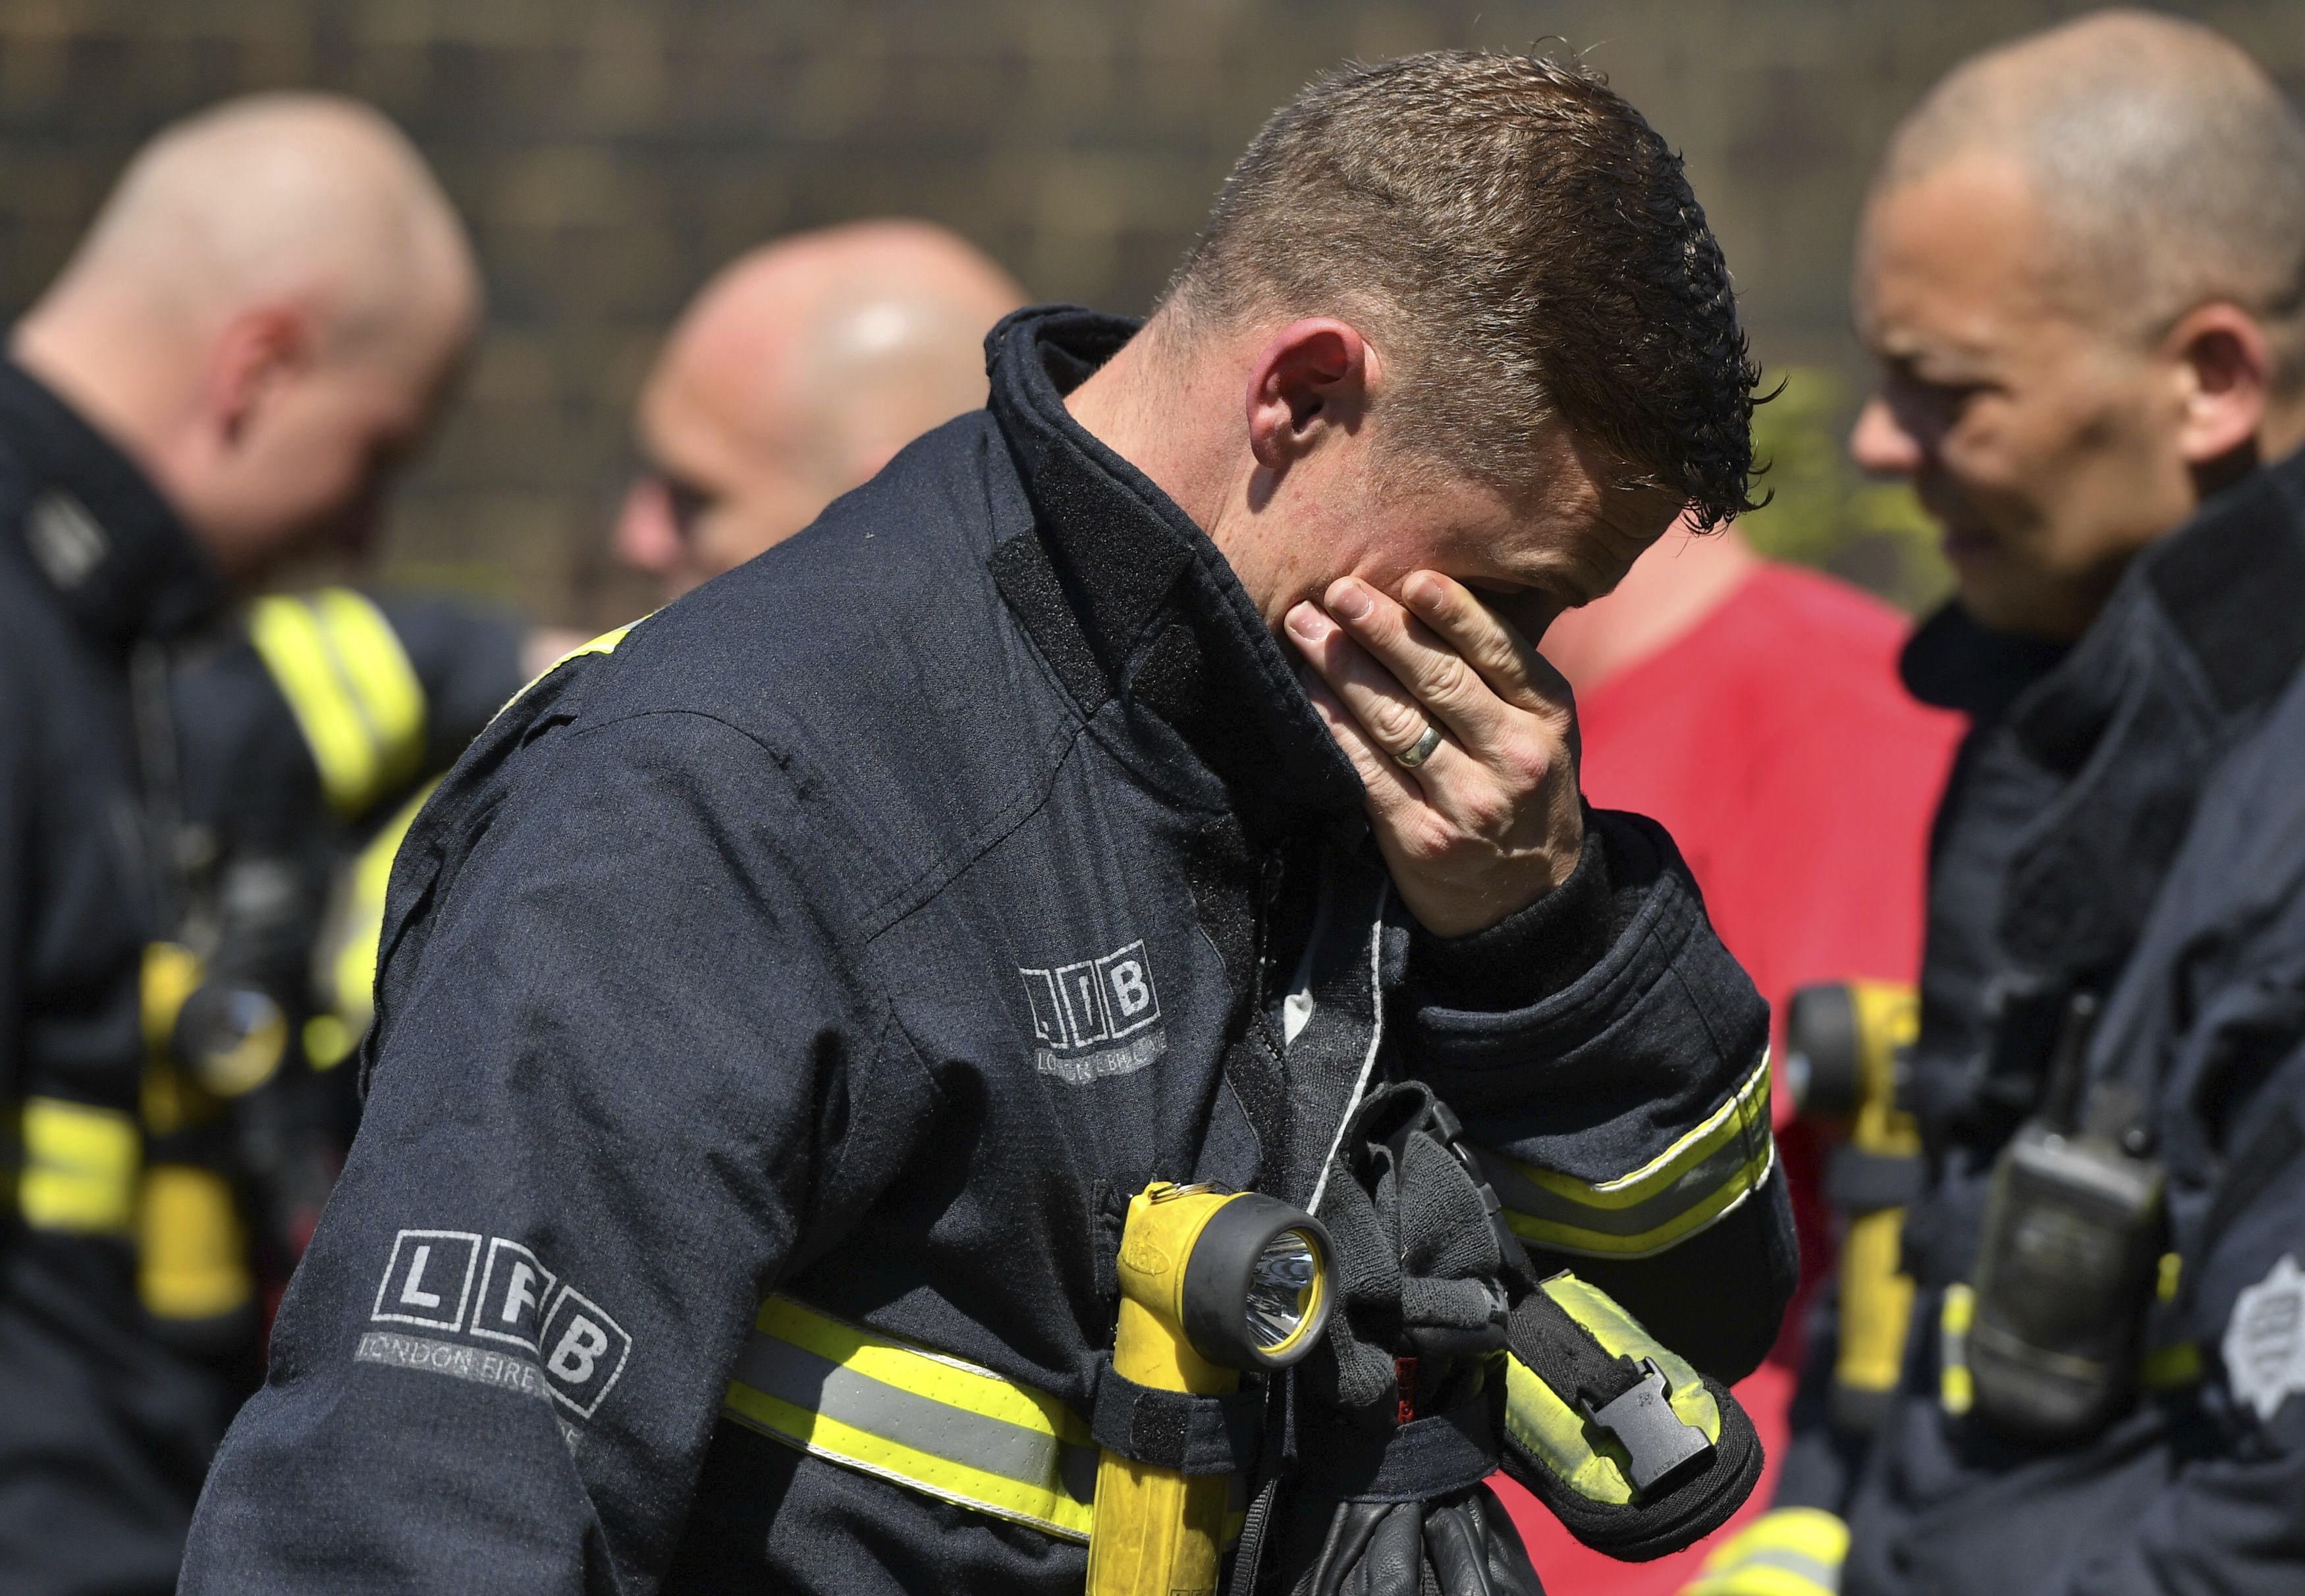 79 са загиналите и изчезналите след пожара в Лондон (снимки)